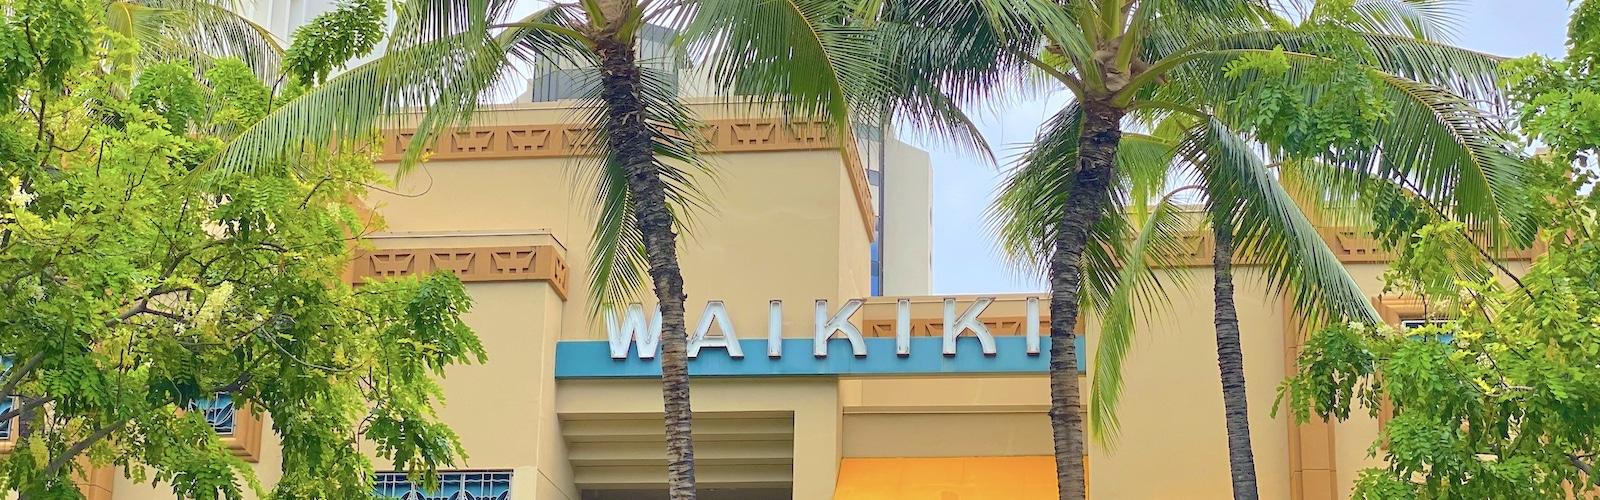 Waikiki sign on Kalakaua Avenue, Waikiki, Honolulu, Oahu